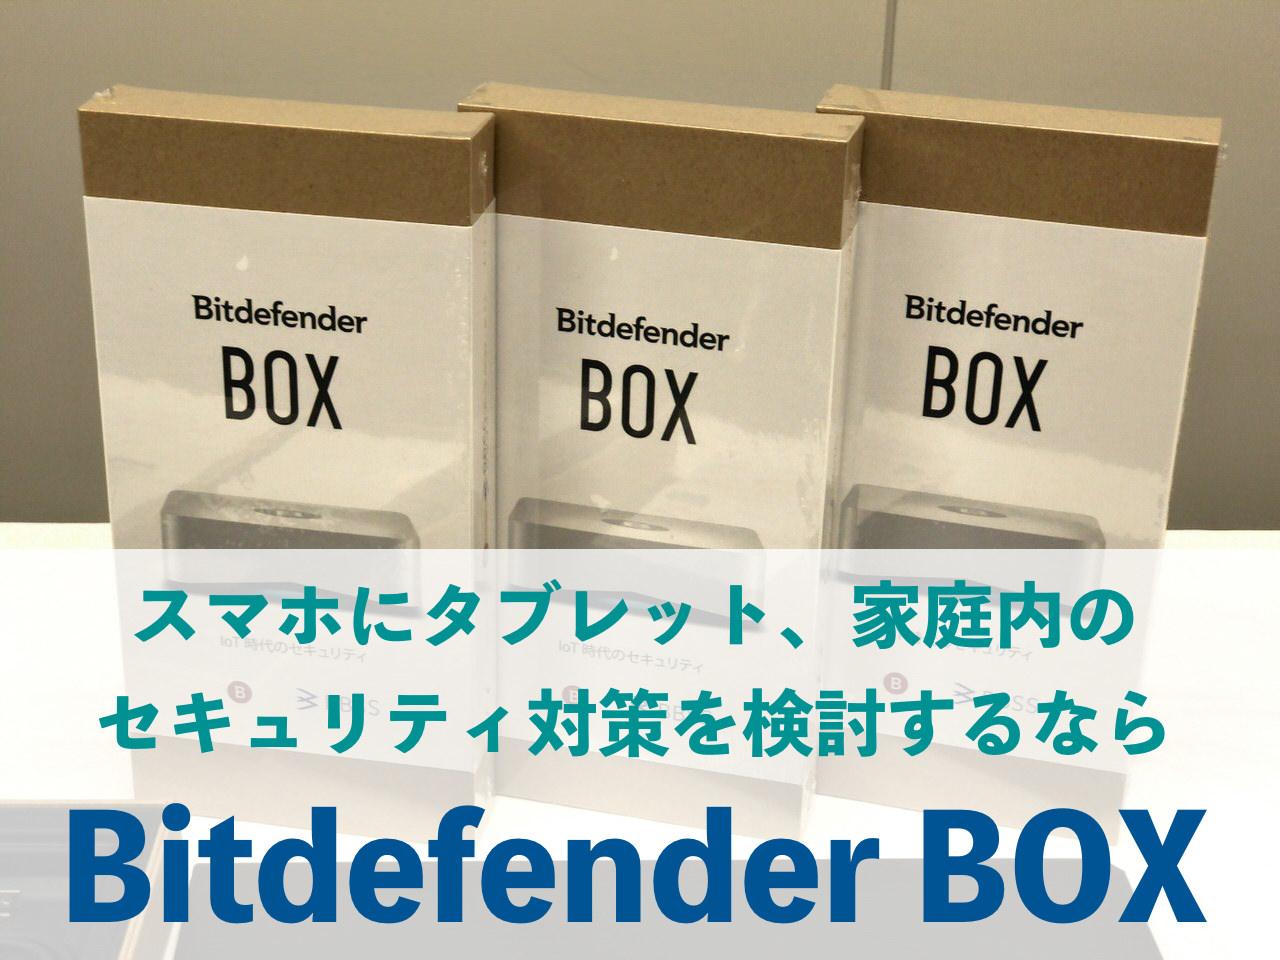 子供は?妻は大丈夫?家庭内ネットワークをサイバー犯罪被害から守るデバイス「Bitdefender BOX」【AD】